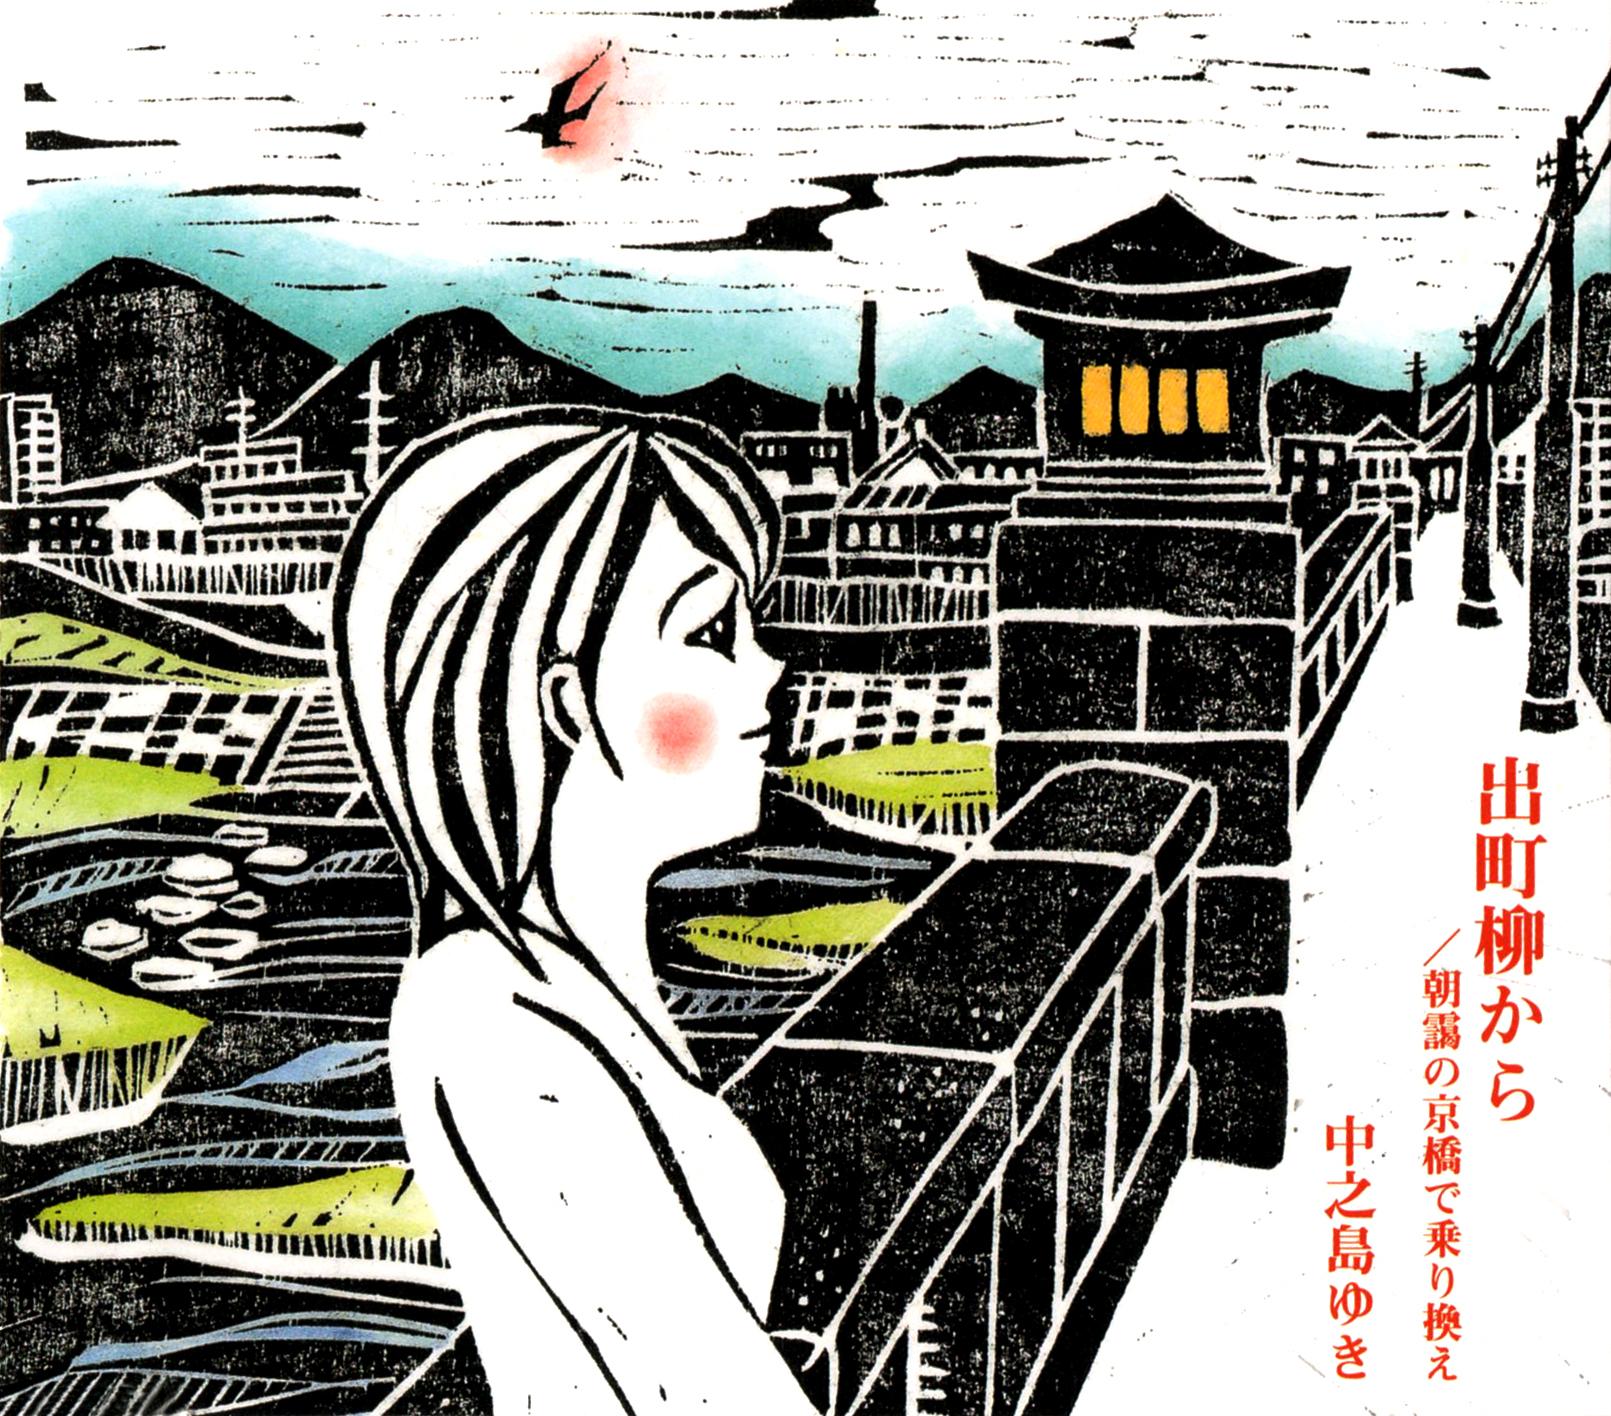 中之島ゆき (三浦理恵子) 『出町柳から/朝靄の京橋で乗り換え』(2003年5月21日発売) 高画質CDジャケット画像